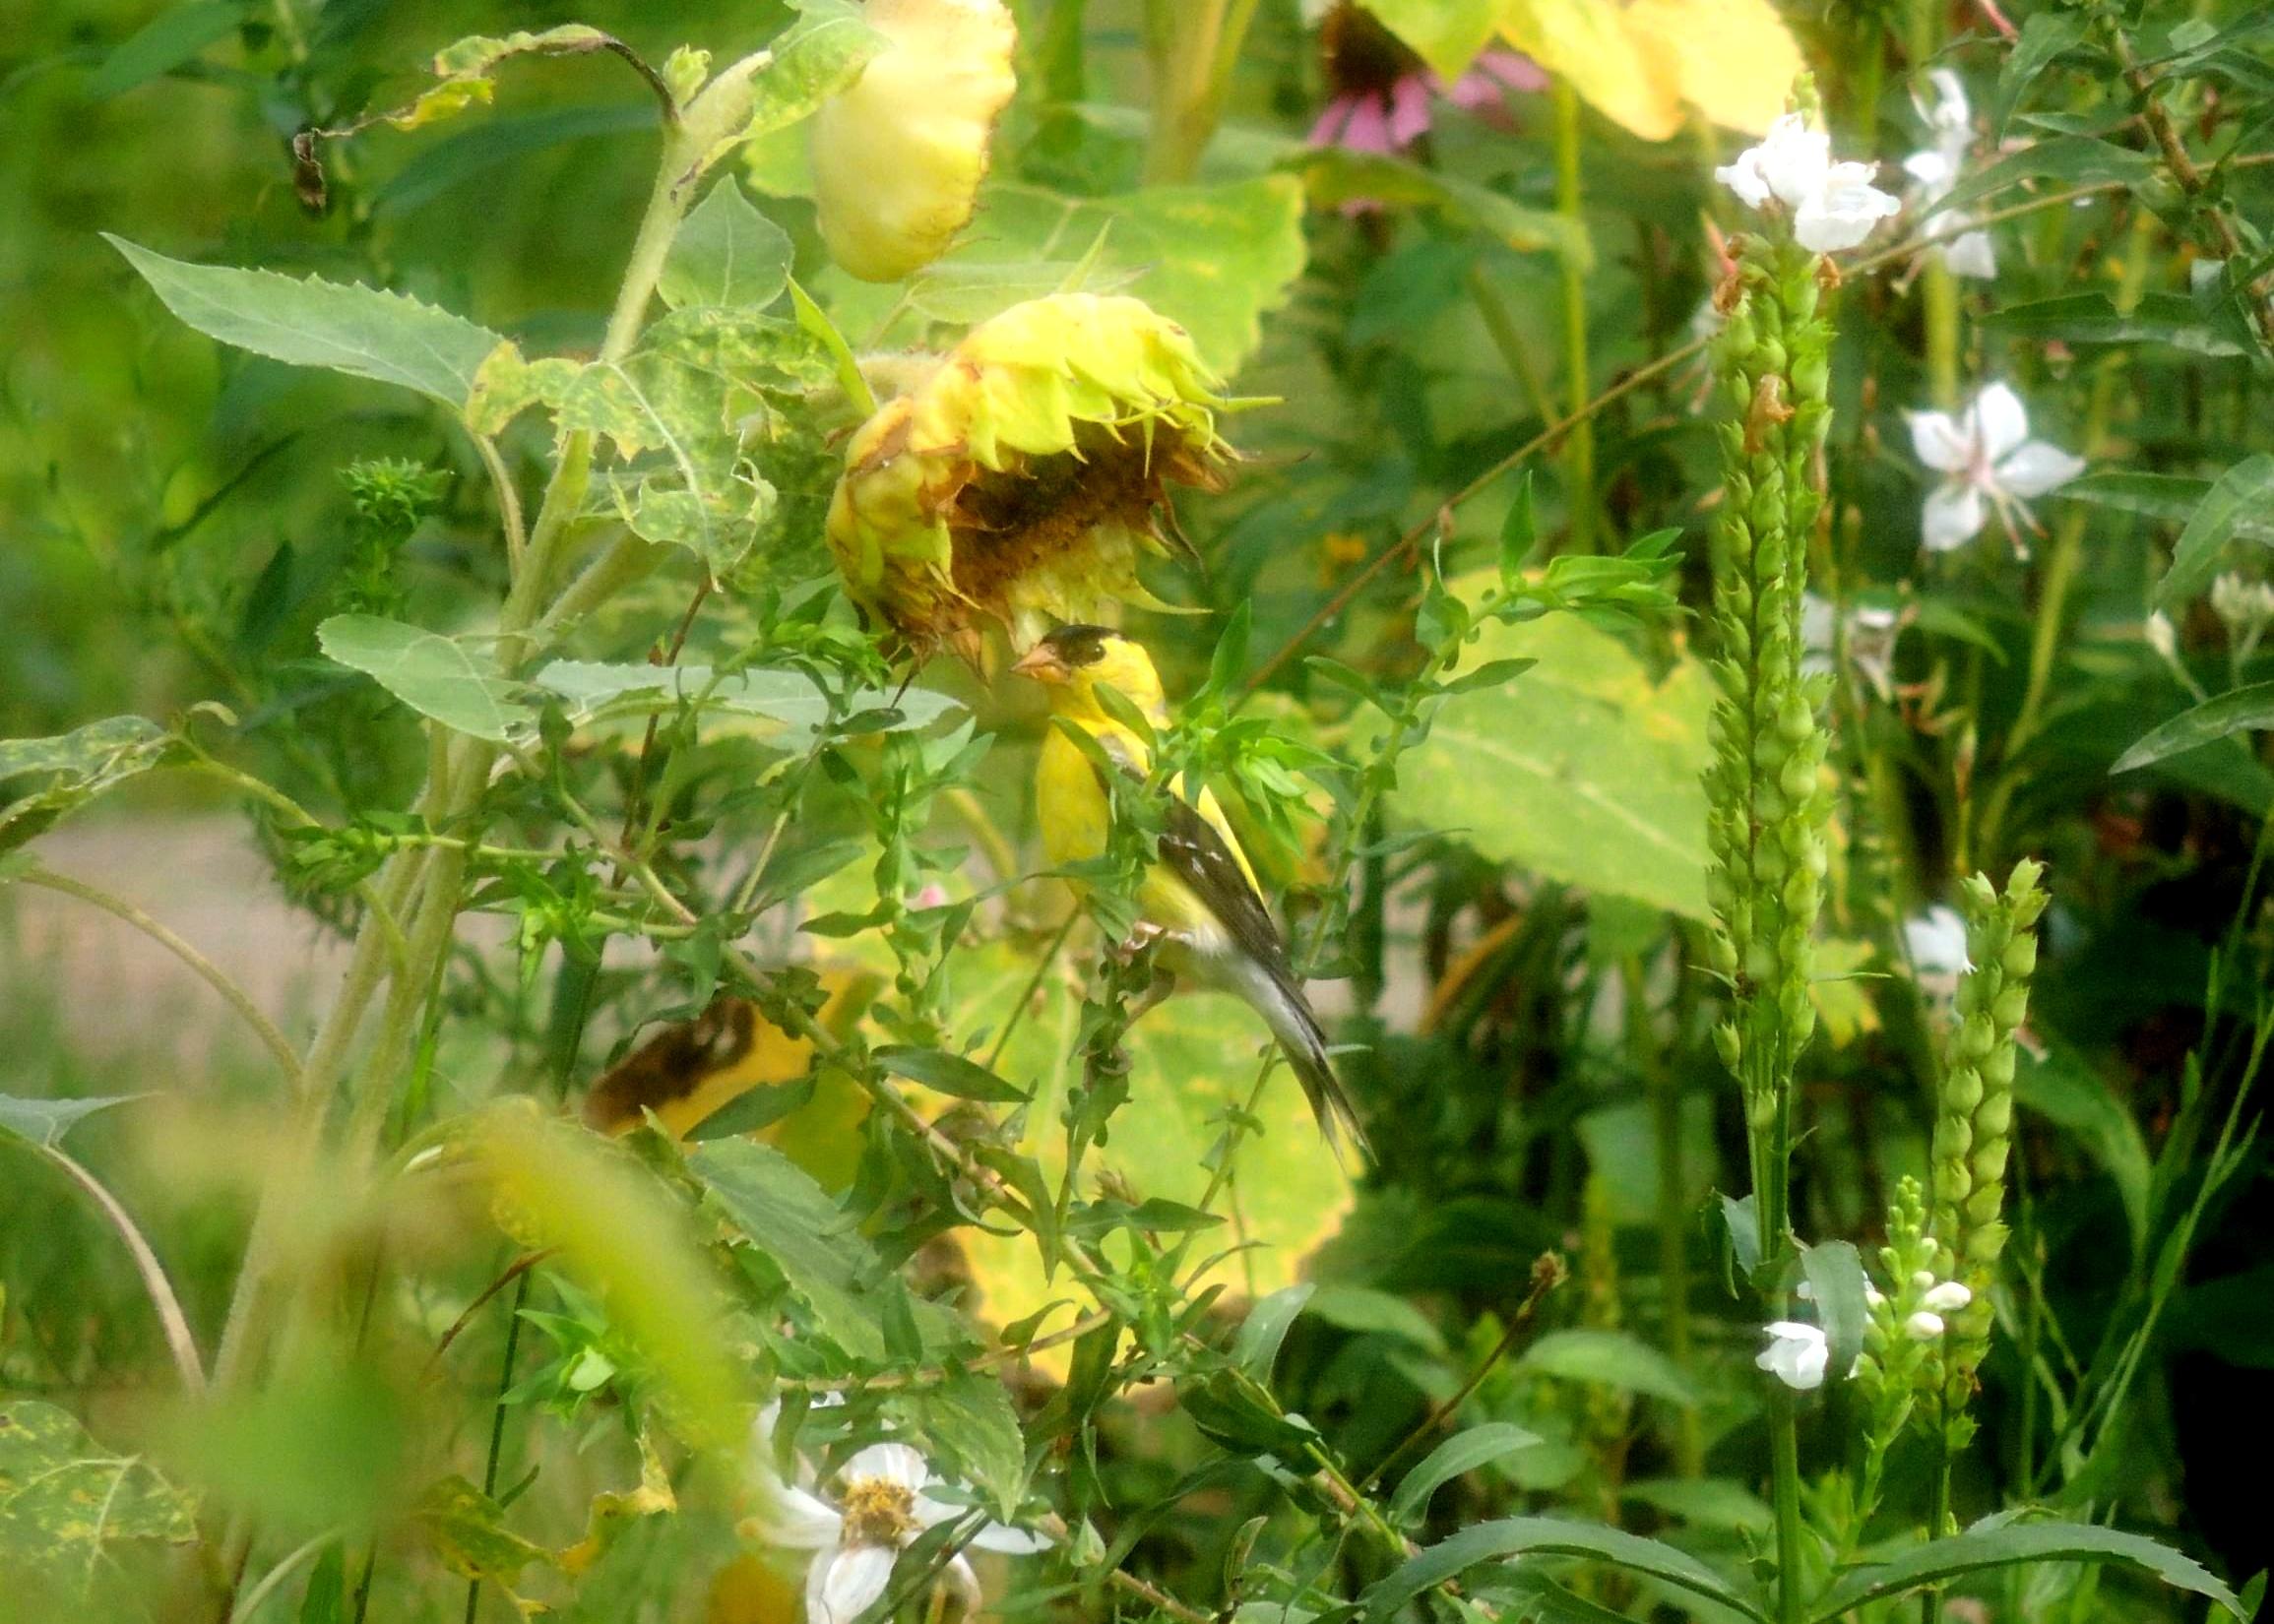 Farmer Goldfinch